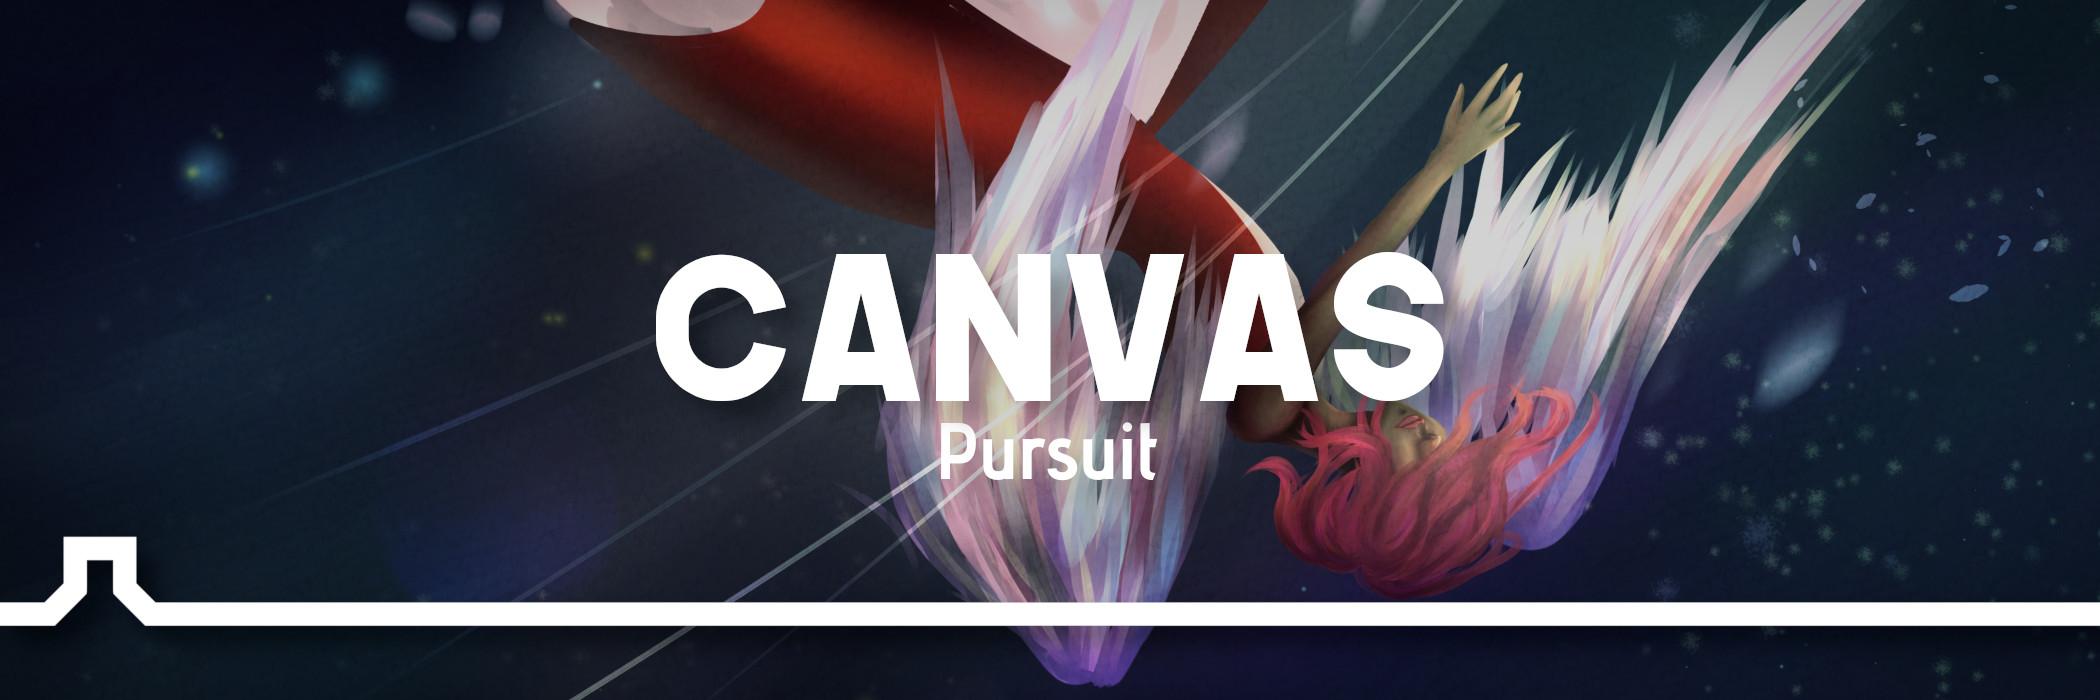 Canvas 2: Pursuit – It begins now!